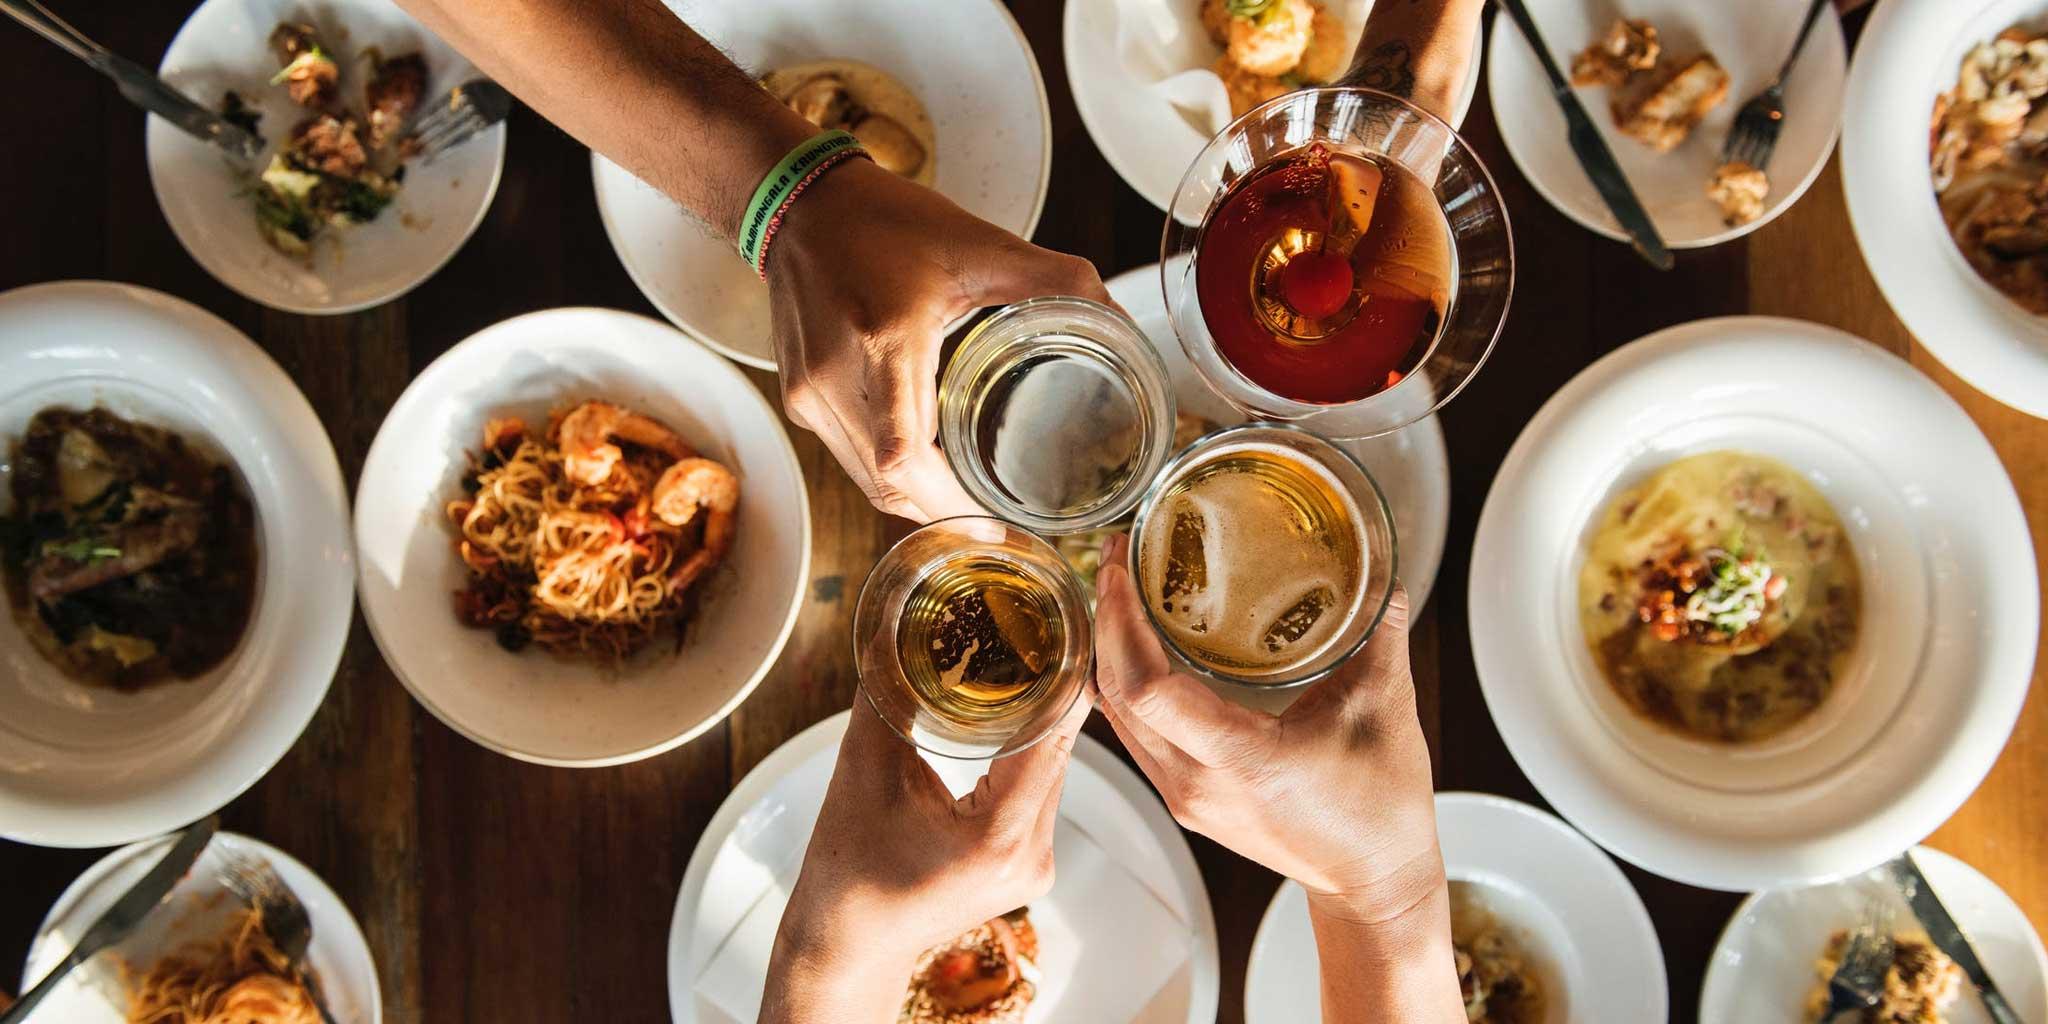 Handen met glazen en verschillende gerechten op de achtergrond